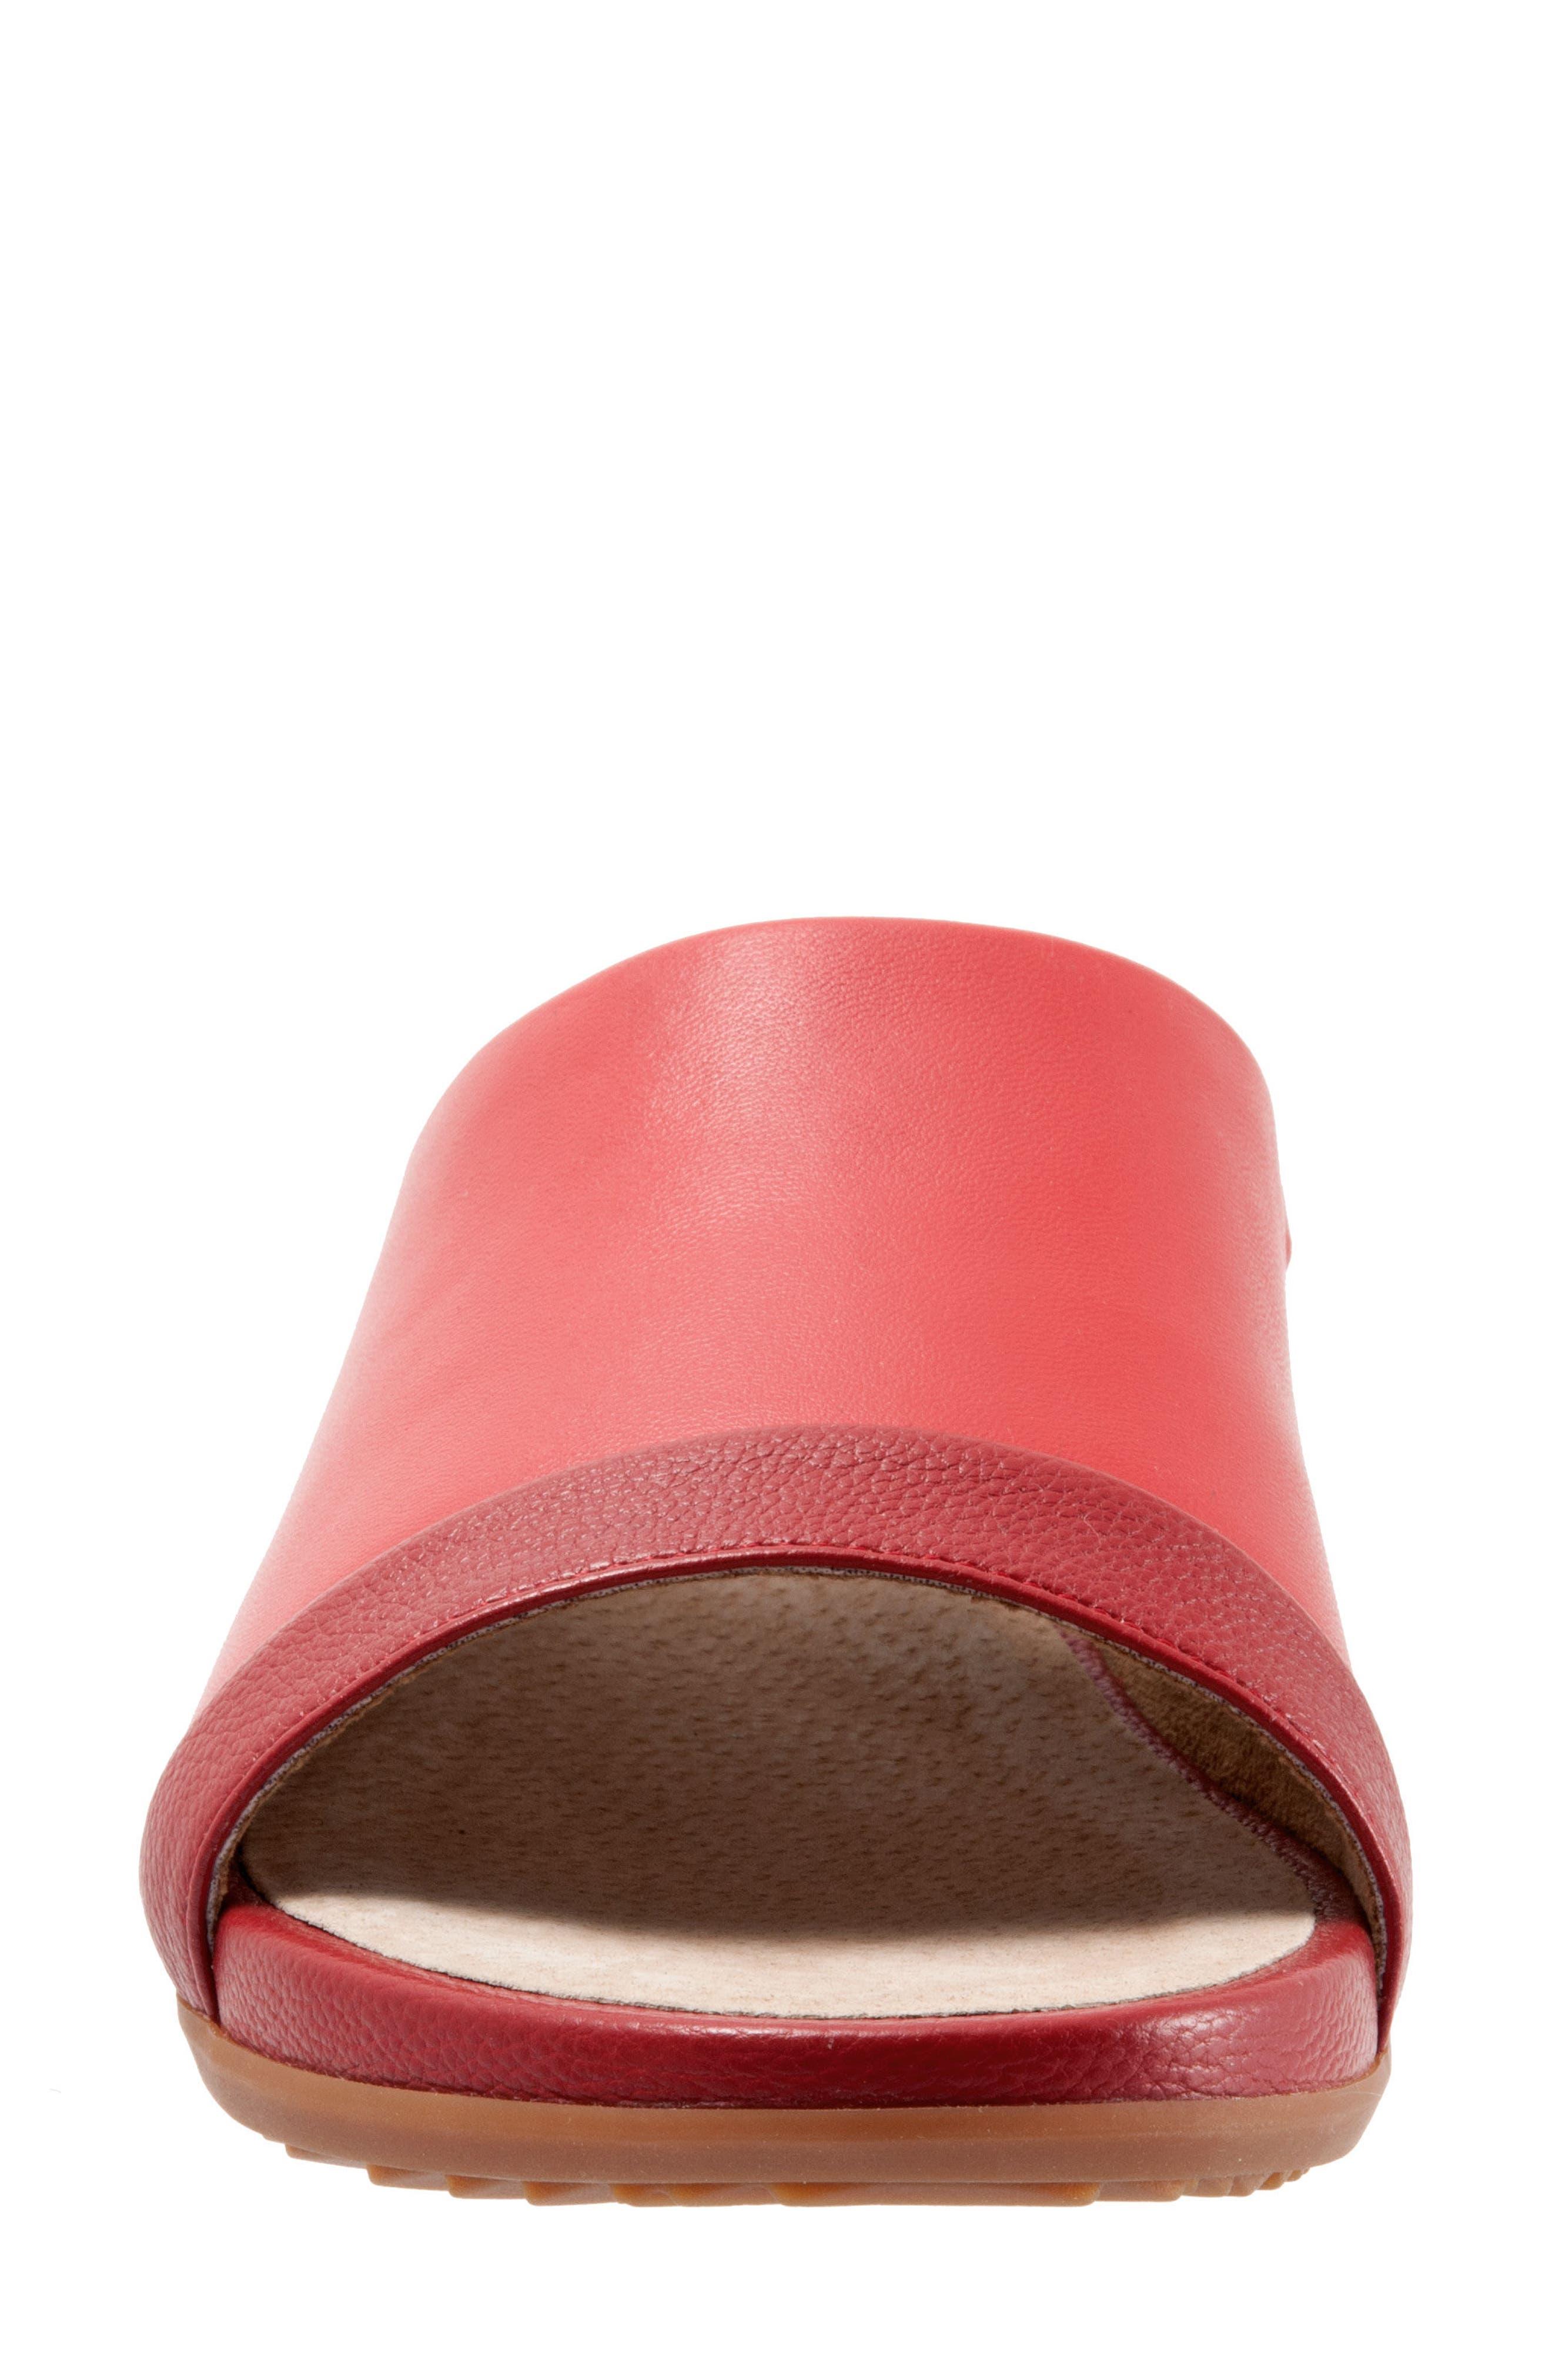 SOFTWALK<SUP>®</SUP>, Del Mar Slide Sandal, Alternate thumbnail 4, color, RED LEATHER